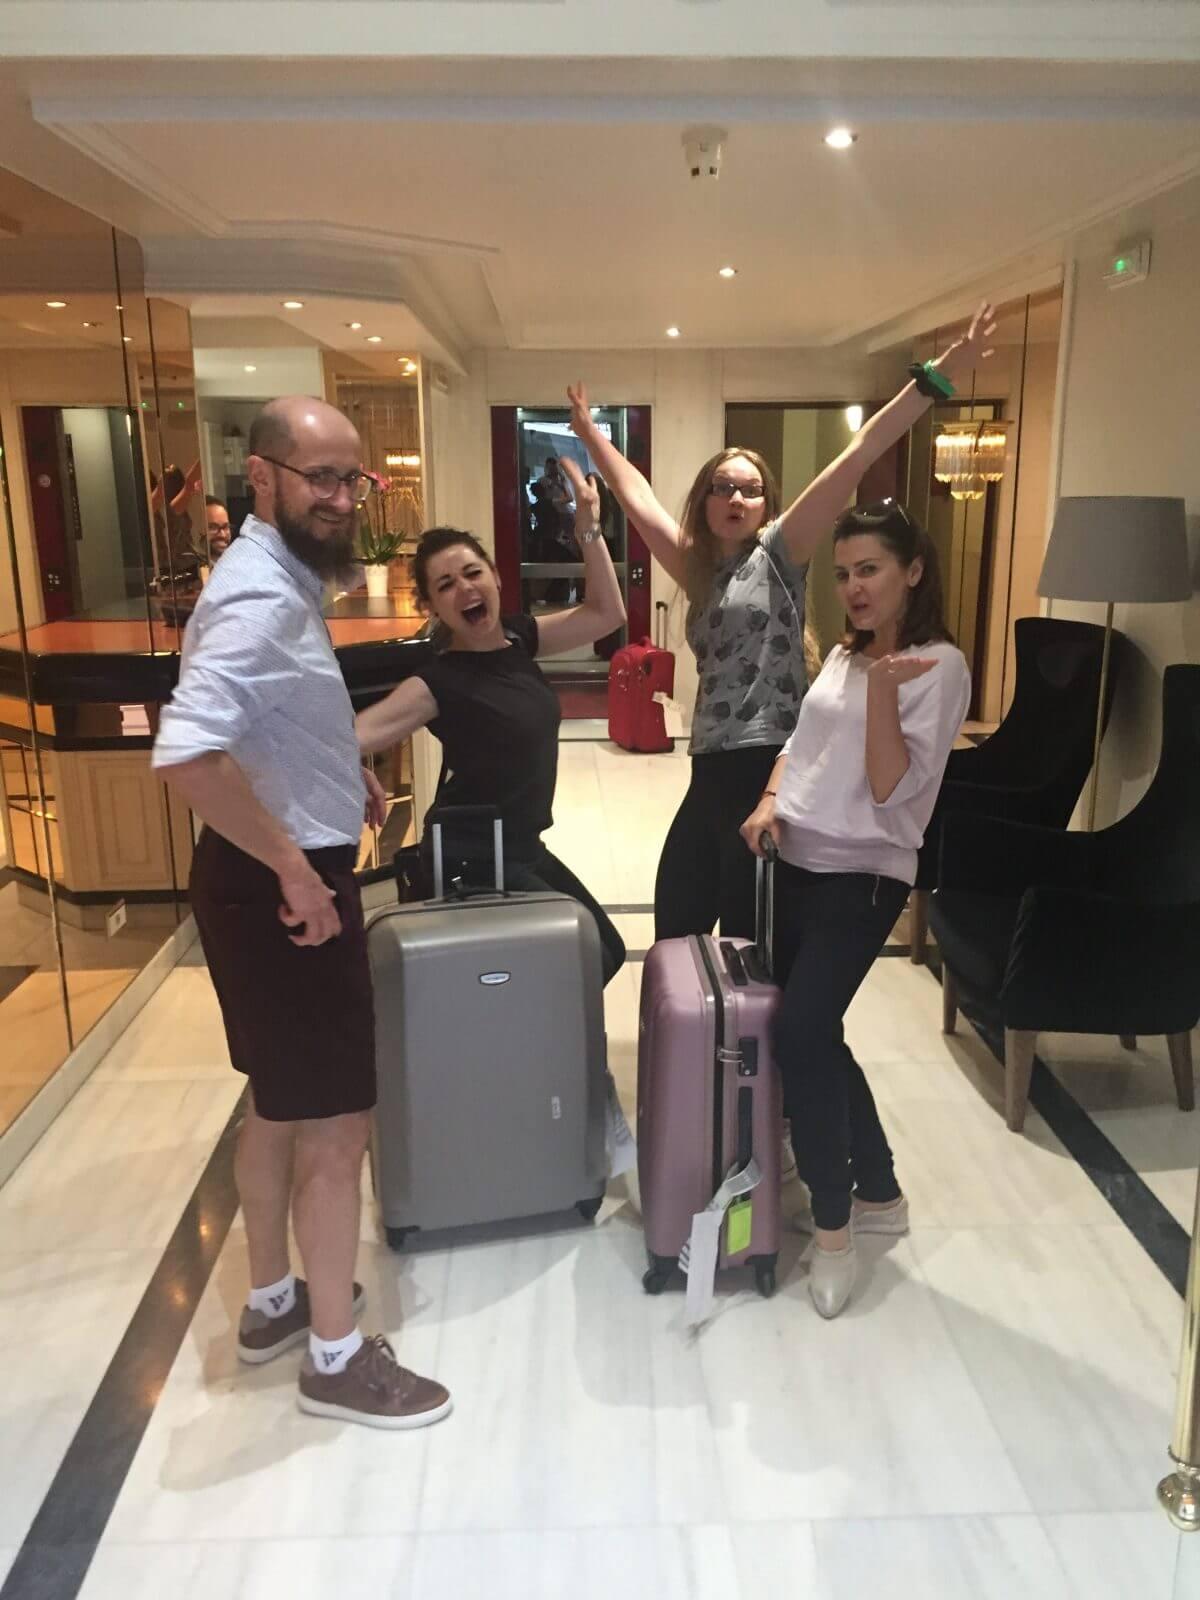 Radość z odnalezionych bagaży!